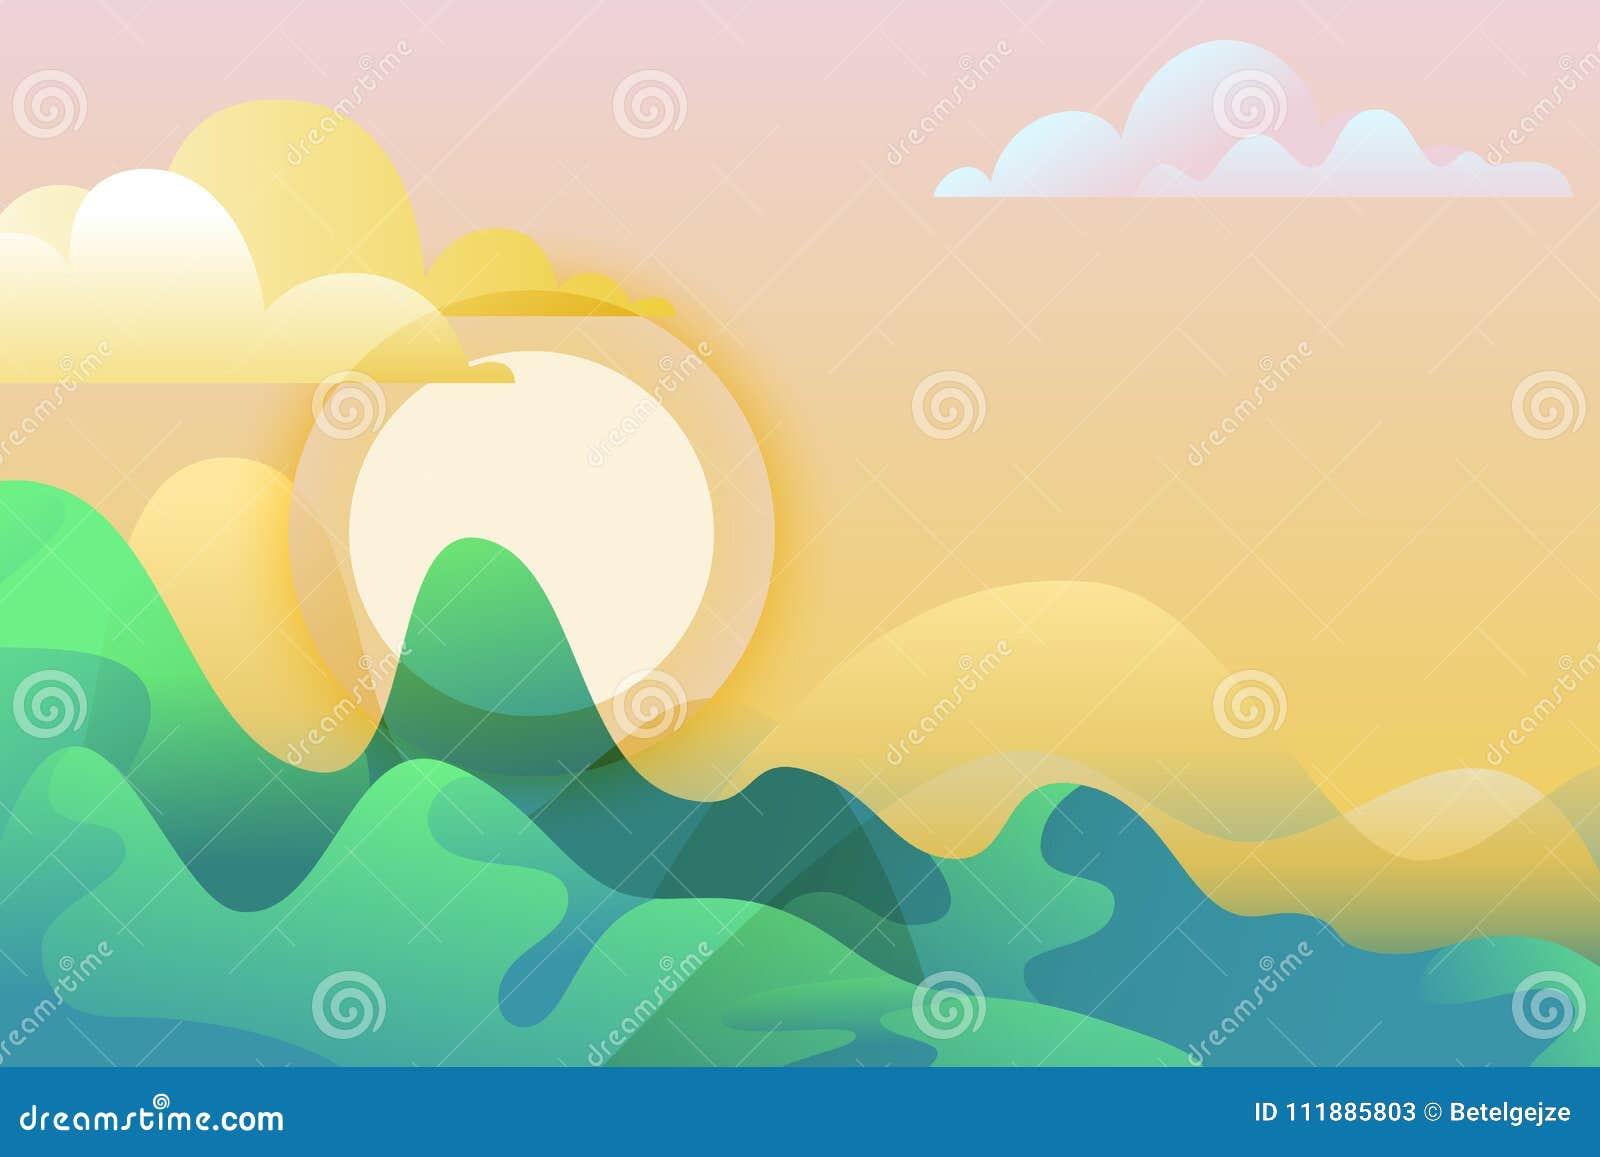 Lata lub wiosny krajobraz, wektorowa ilustracja Zielone góry i słońce Natury horyzontalny tło z kopii przestrzenią